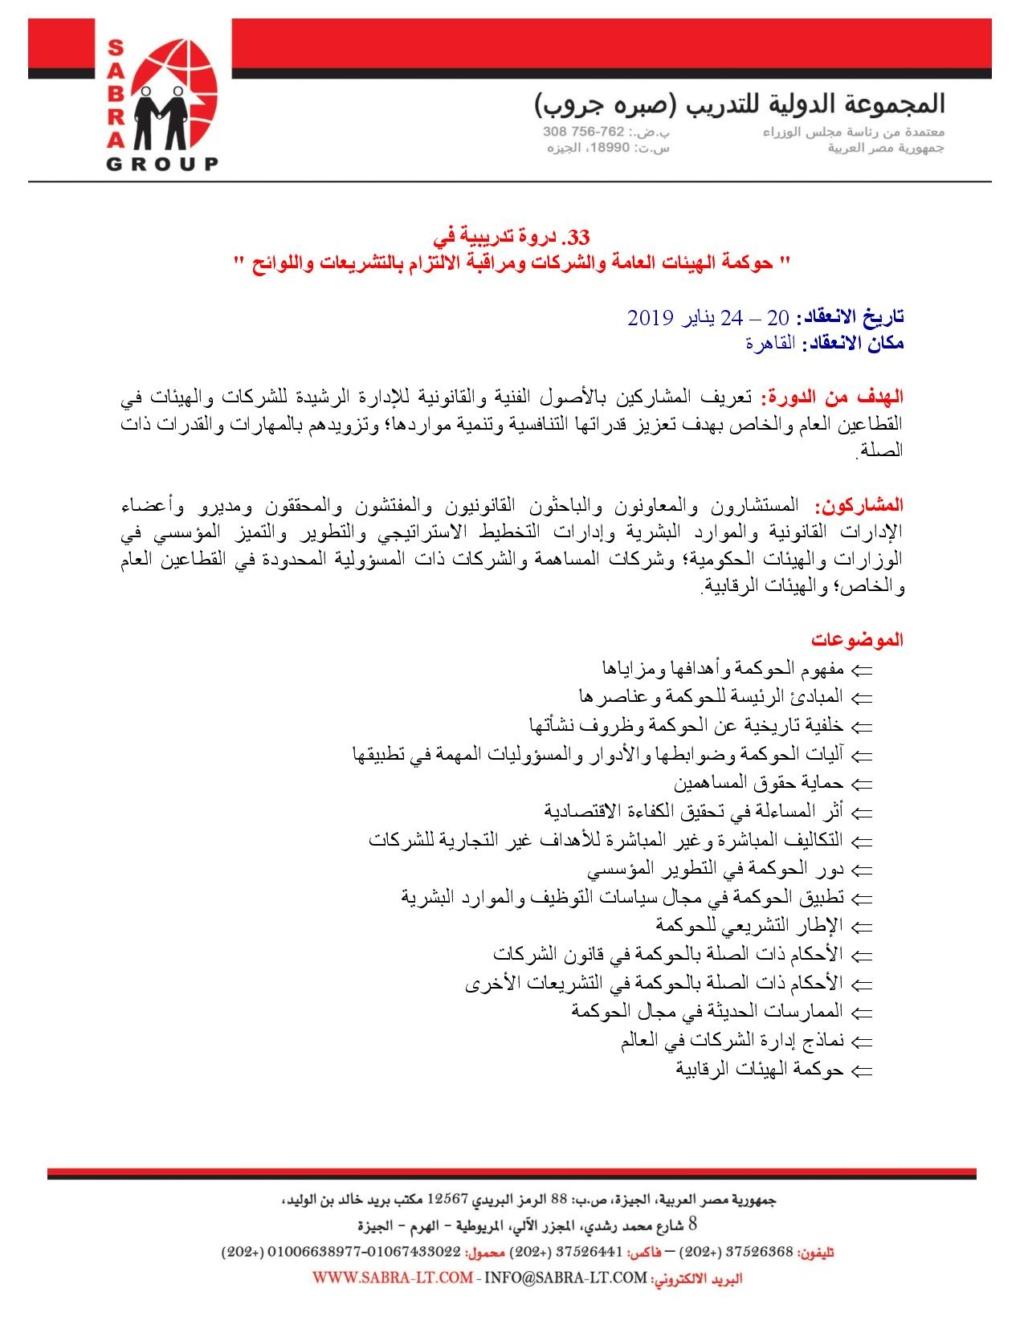 حوكمة الهيئات العامة والشركات ومراقبة الالتزام بالتشريعات Docume14